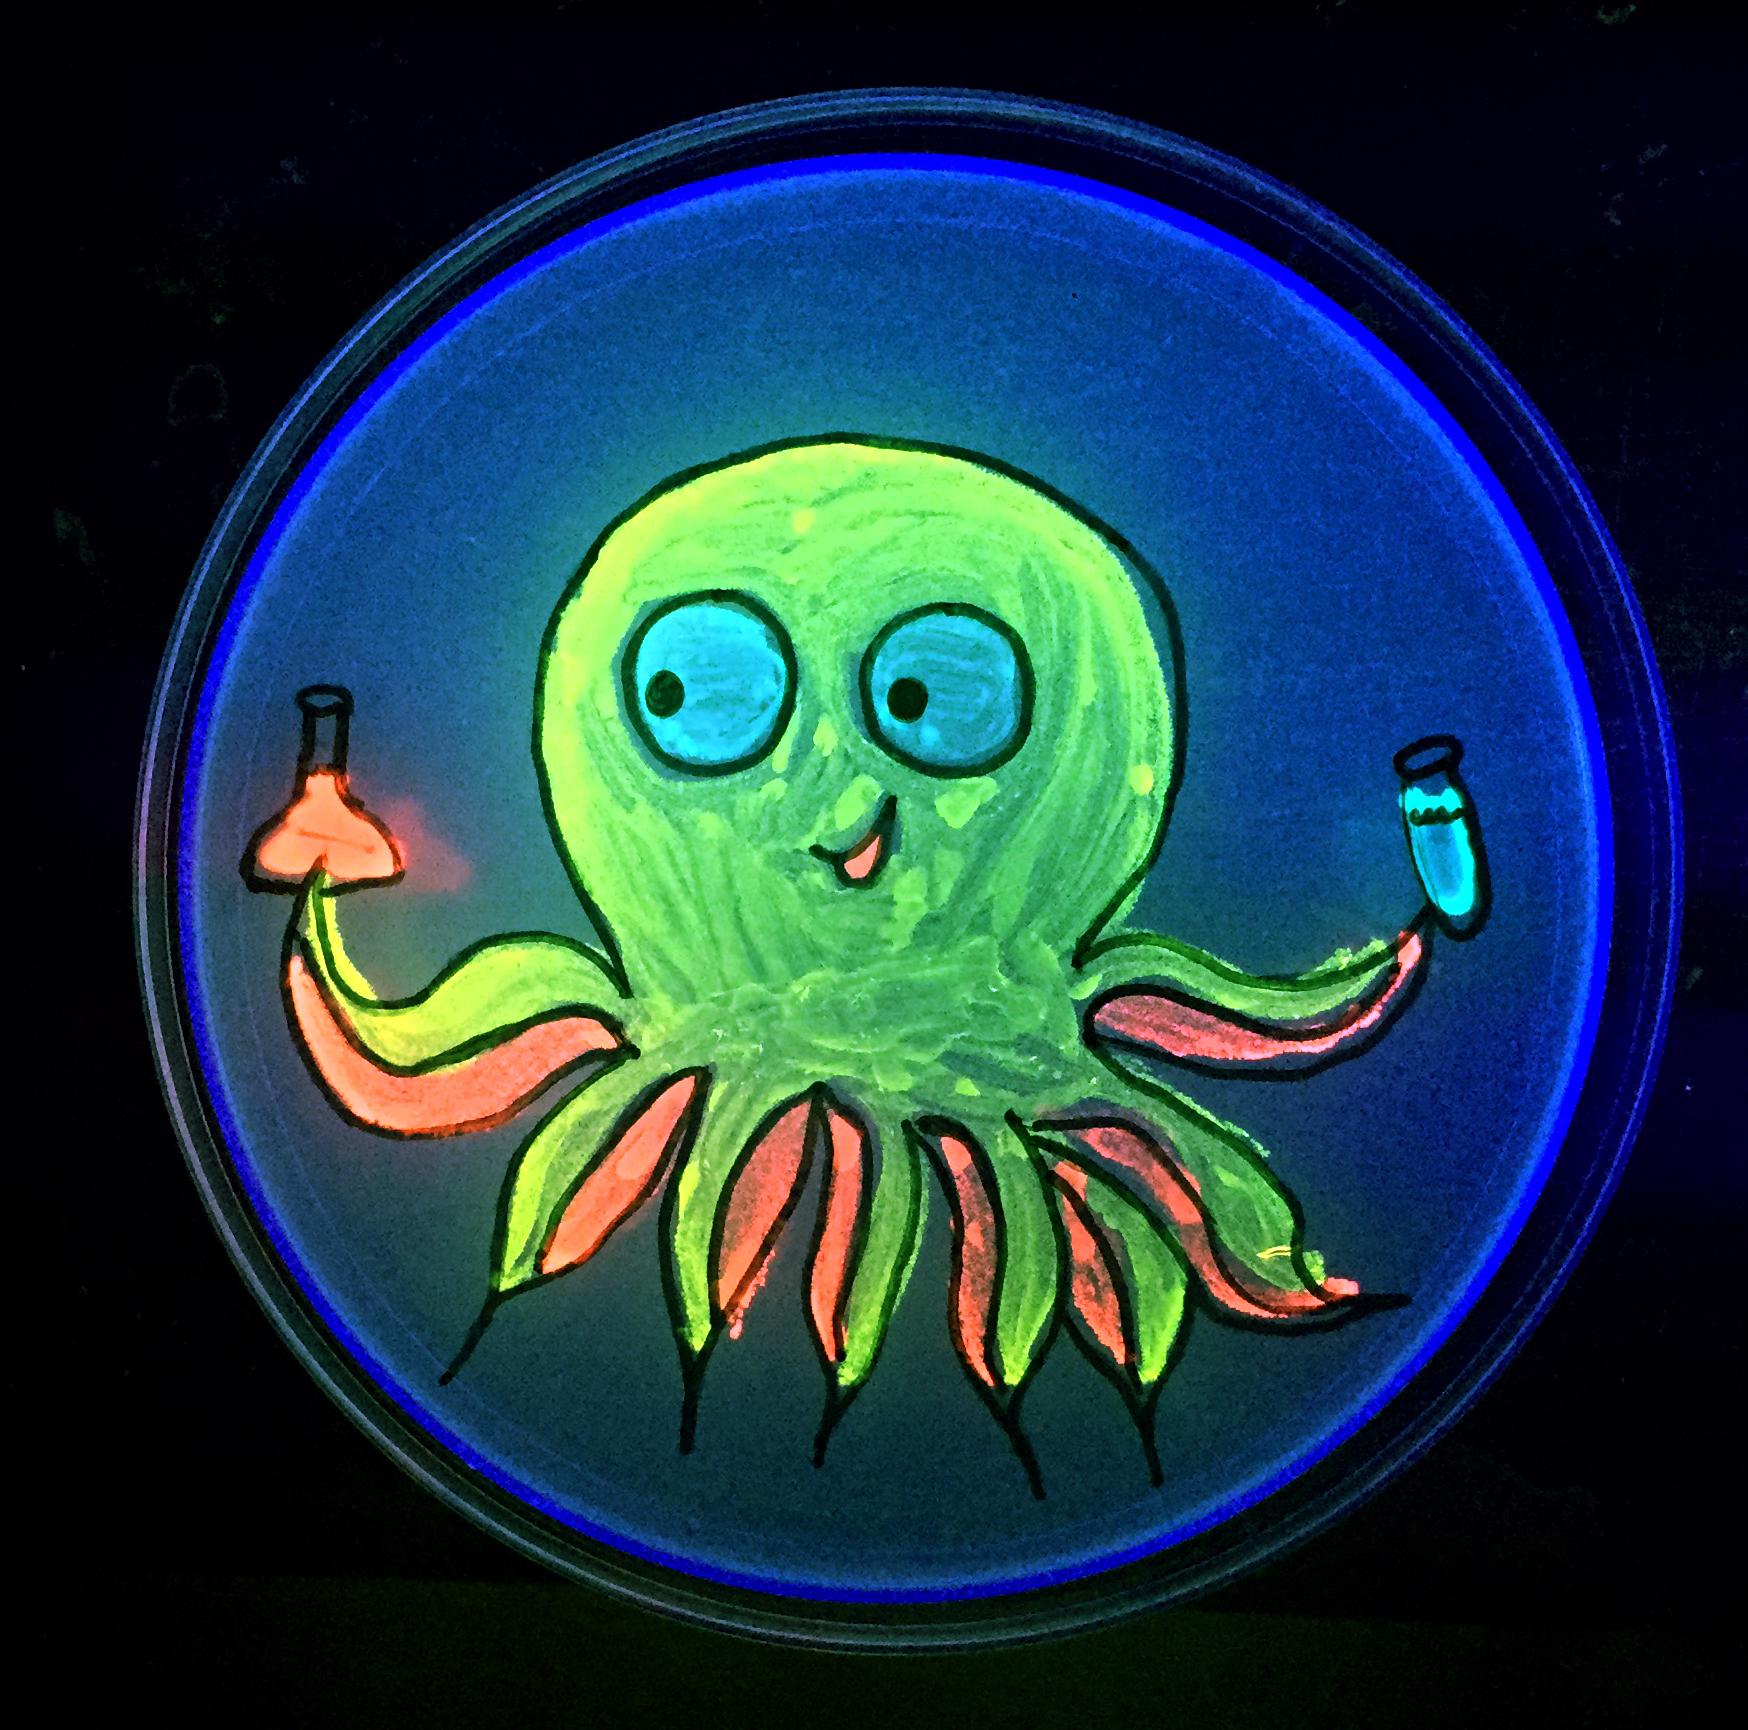 Octopus_plate4-13-15.jpg